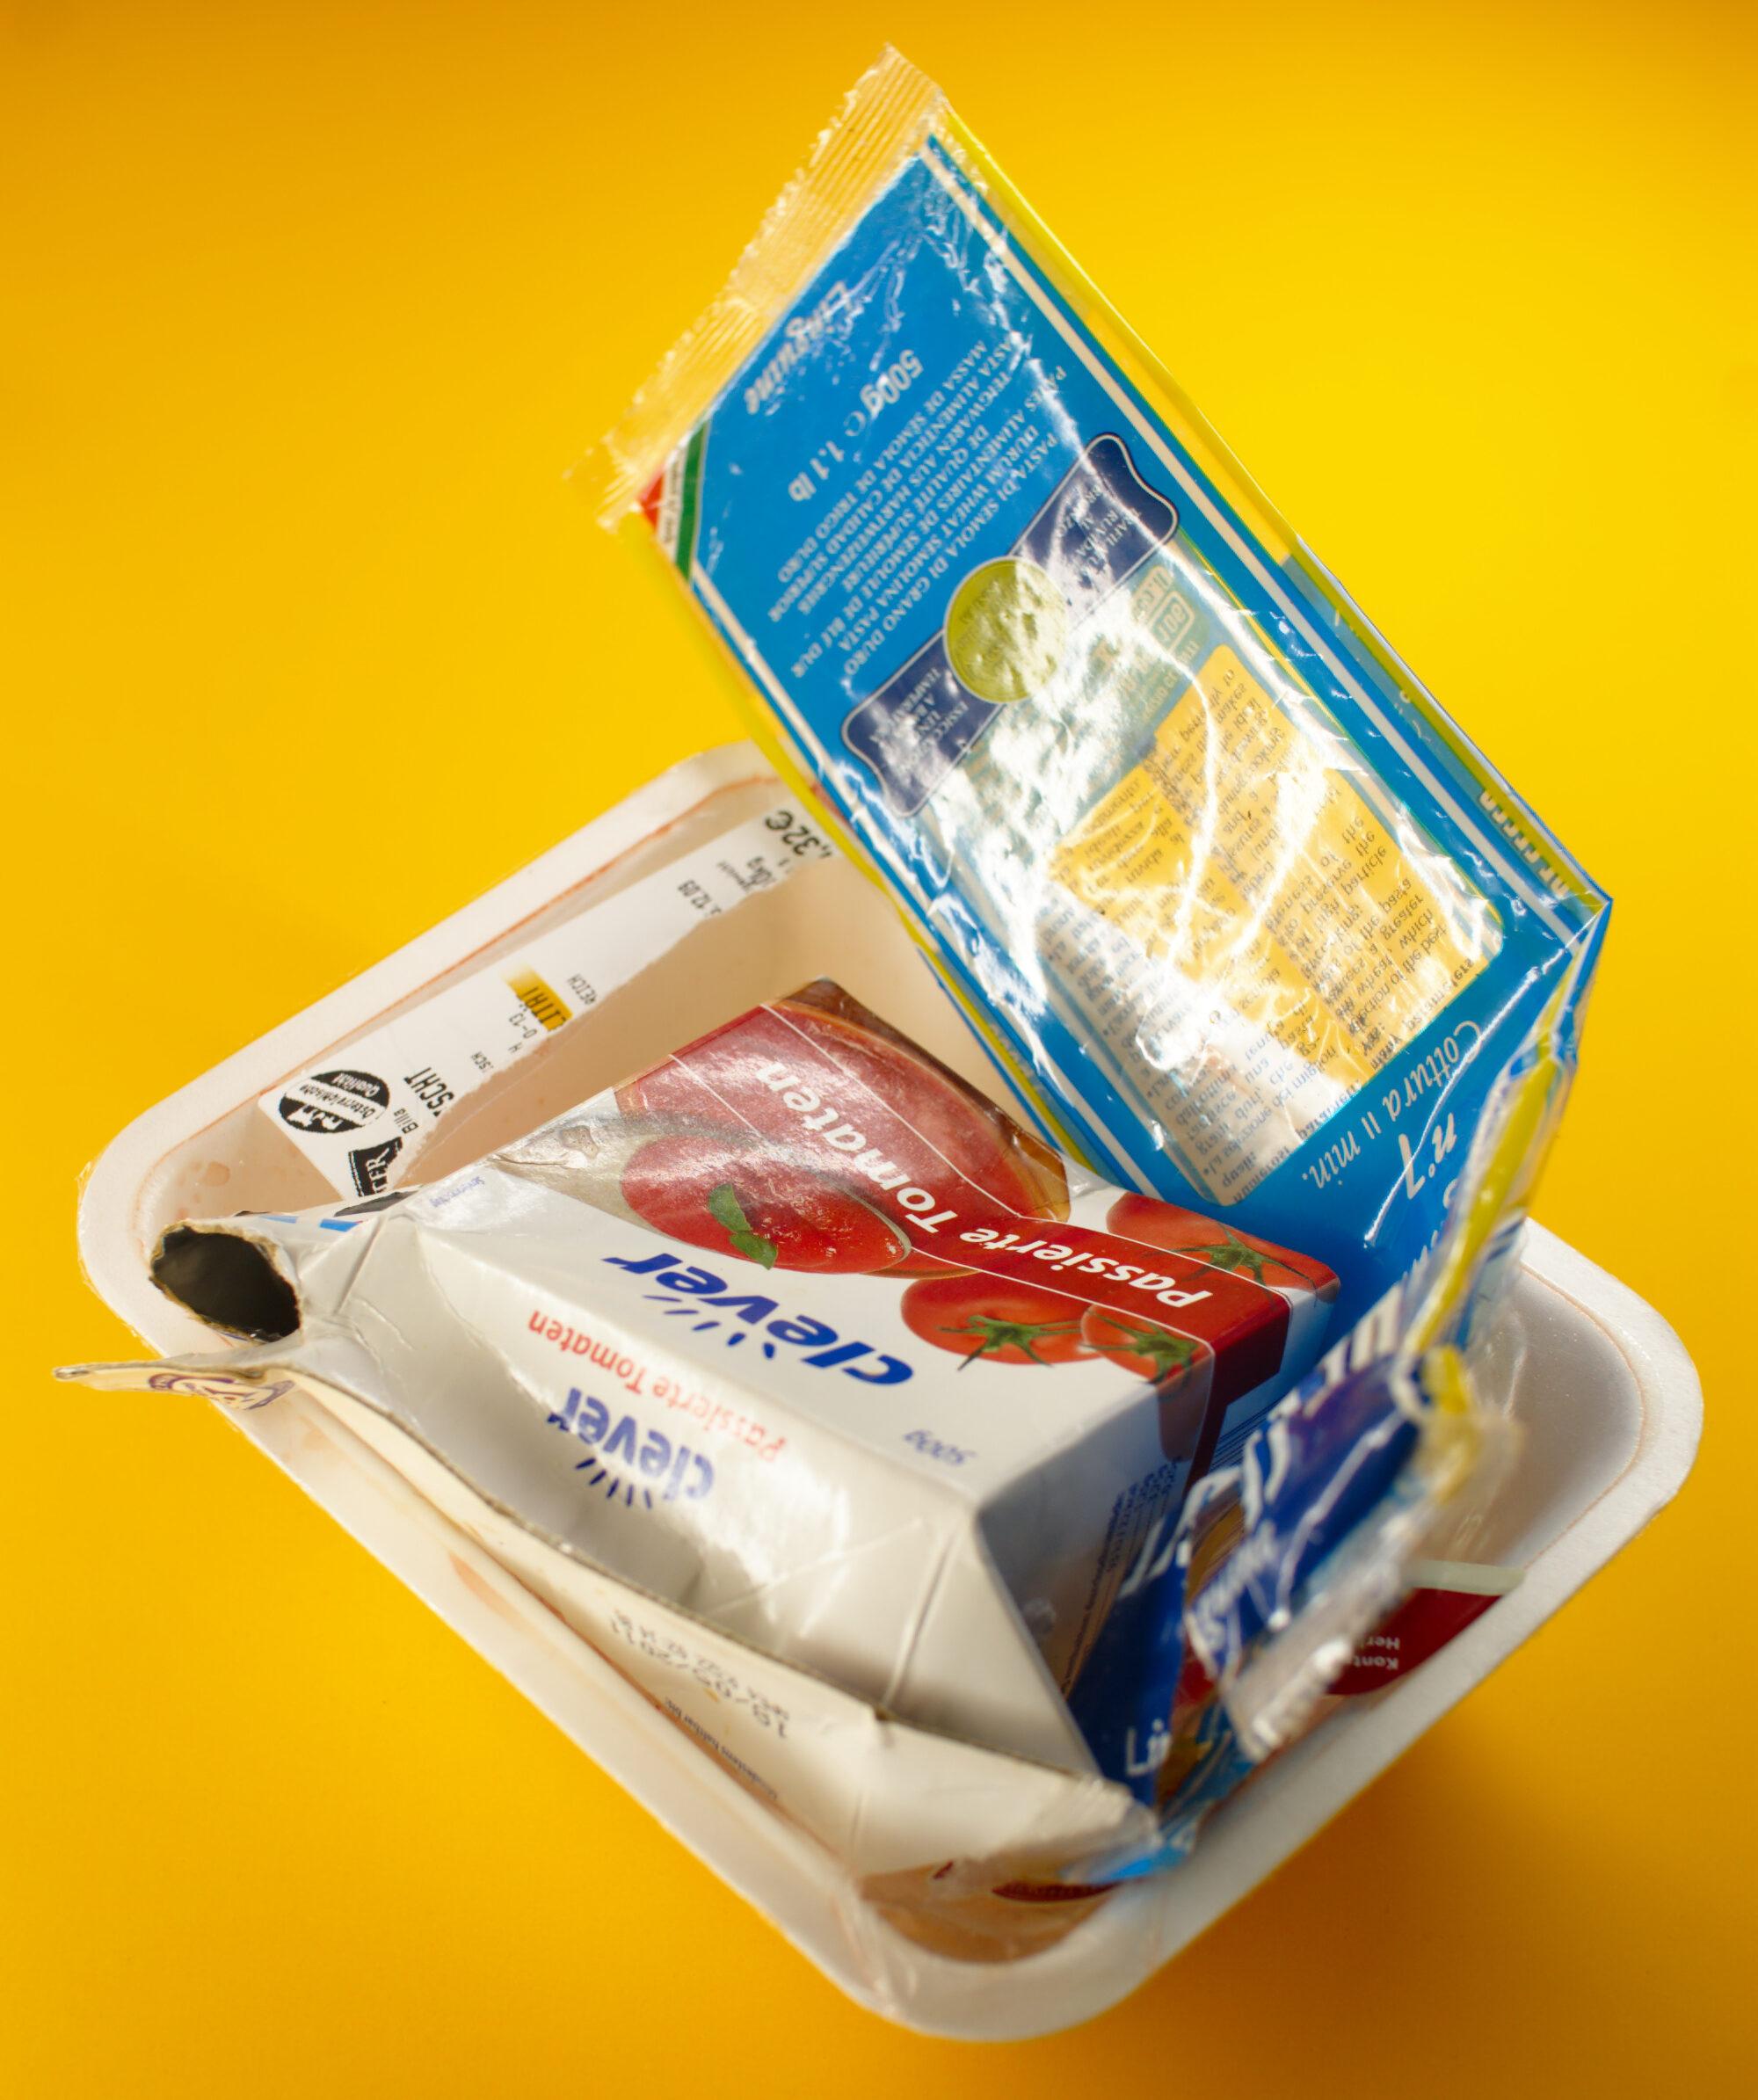 leere Lebensmittelverpackungen aus Kunststoff vor gelbem Grund.